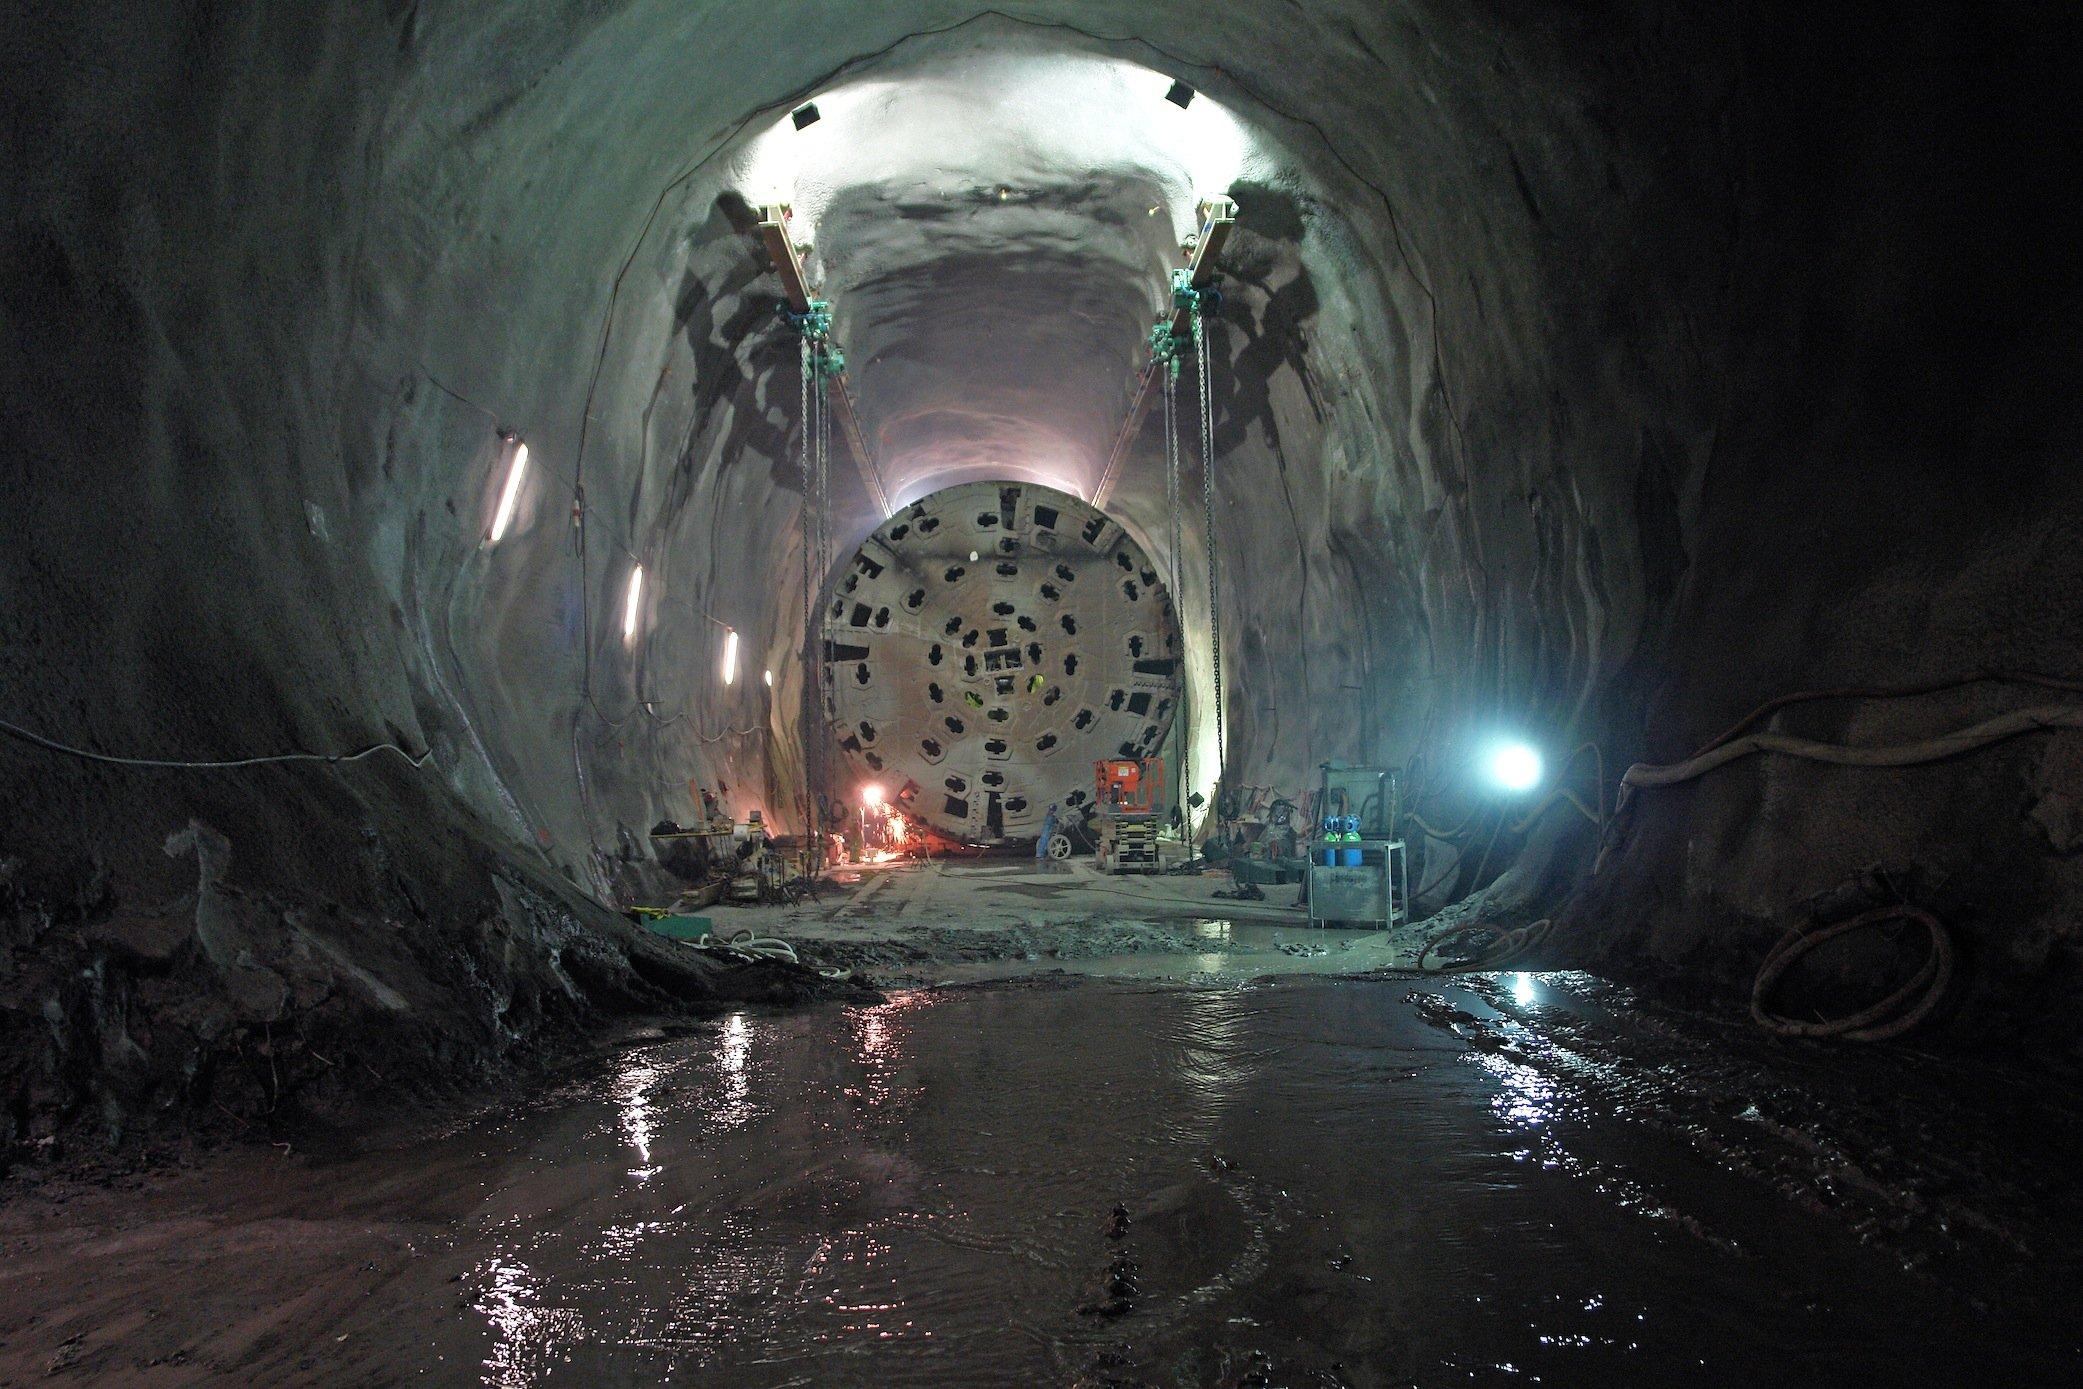 Demontage einer Tunnelbohrmaschine von Herrenknecht: Vier Maschinen bohrten 85 km der Röhren durch den Gotthard.